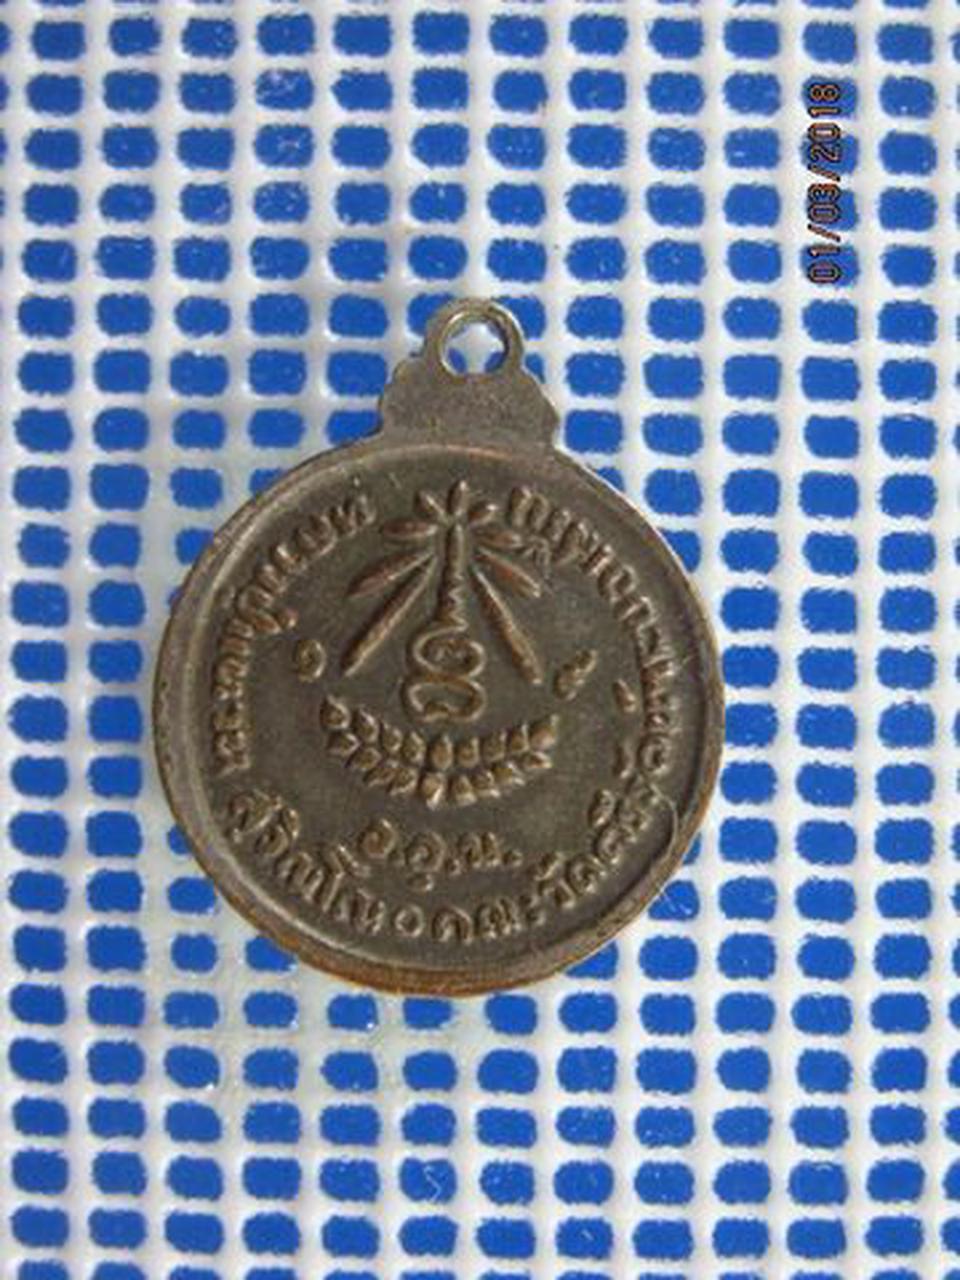 5123 เหรียญกลมเล็ก ลป แหวน วัดดอยแม่ปั๋ง ปี 2519 จ.เชียงใหม่ รูปที่ 1